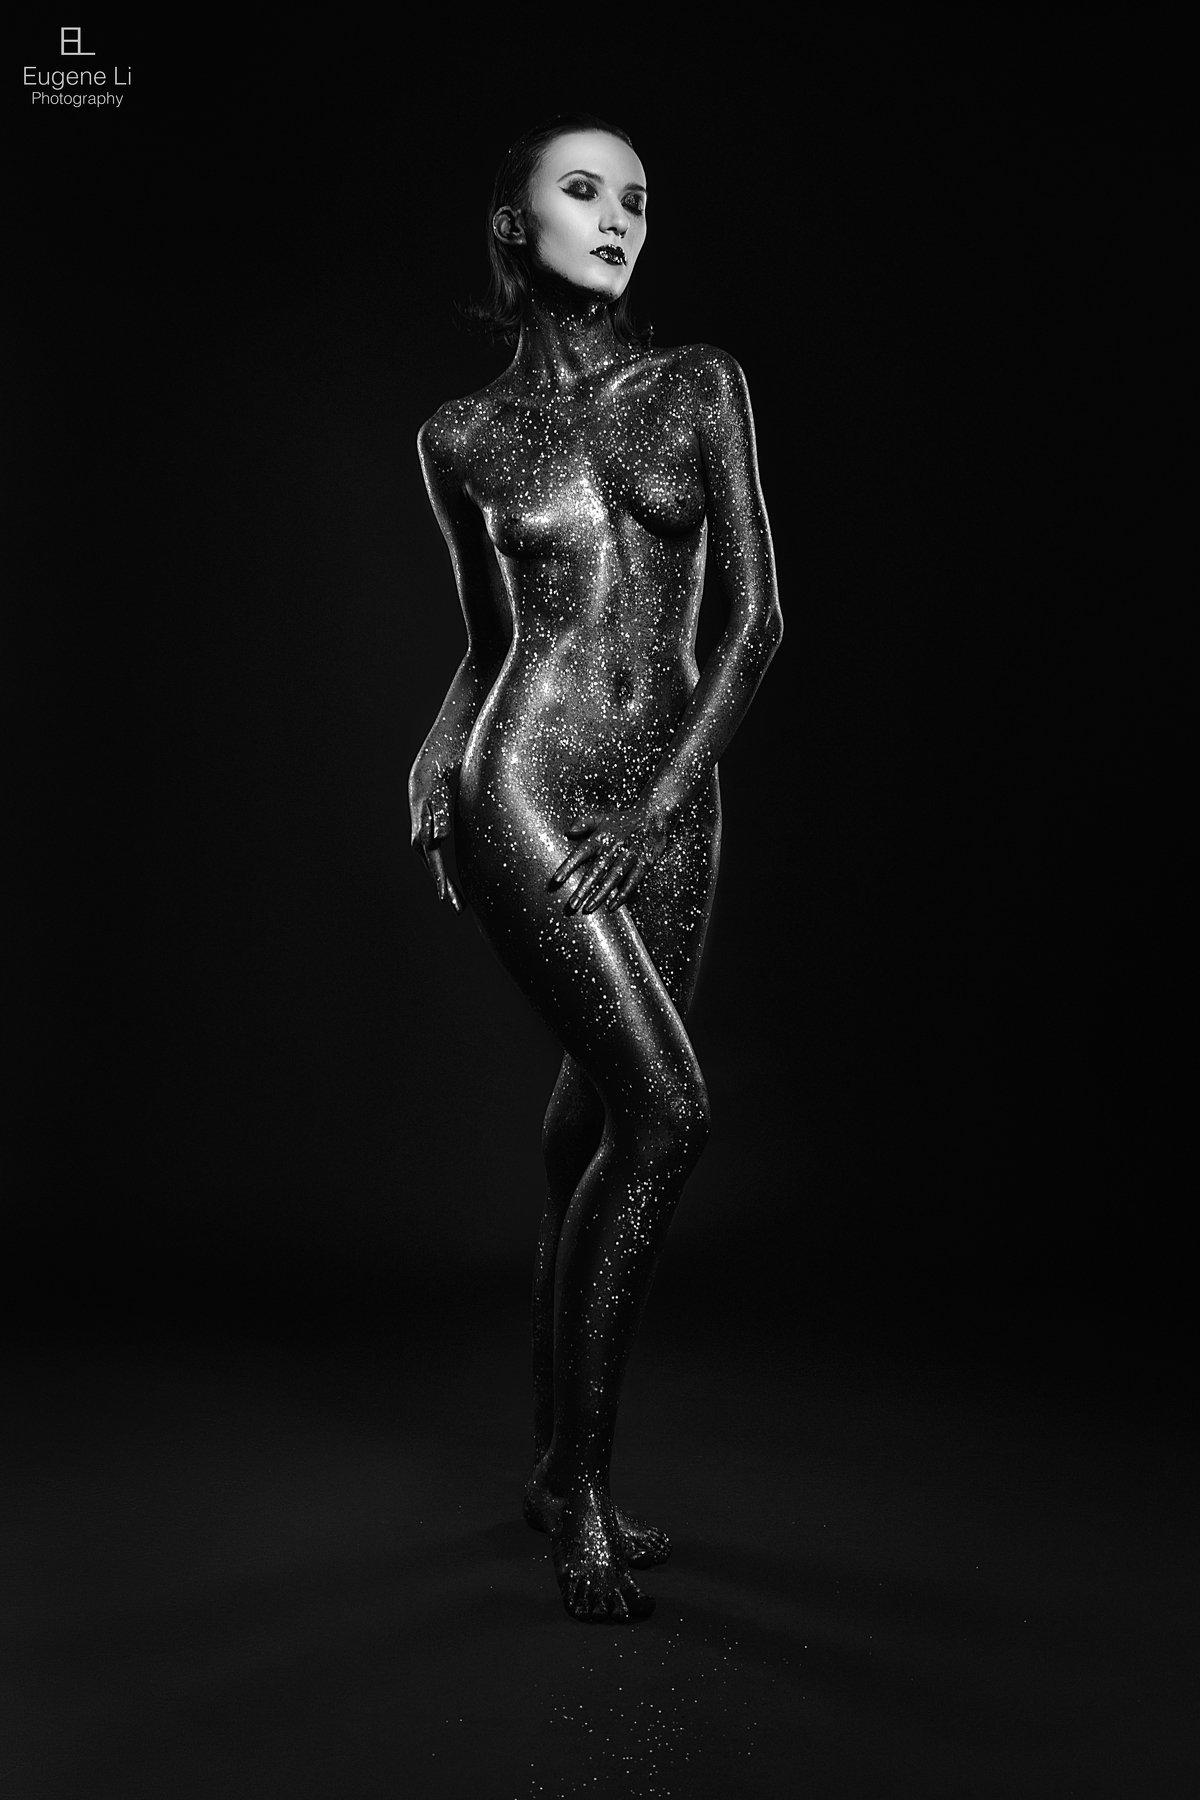 девушка, портрет, Евгений Ли